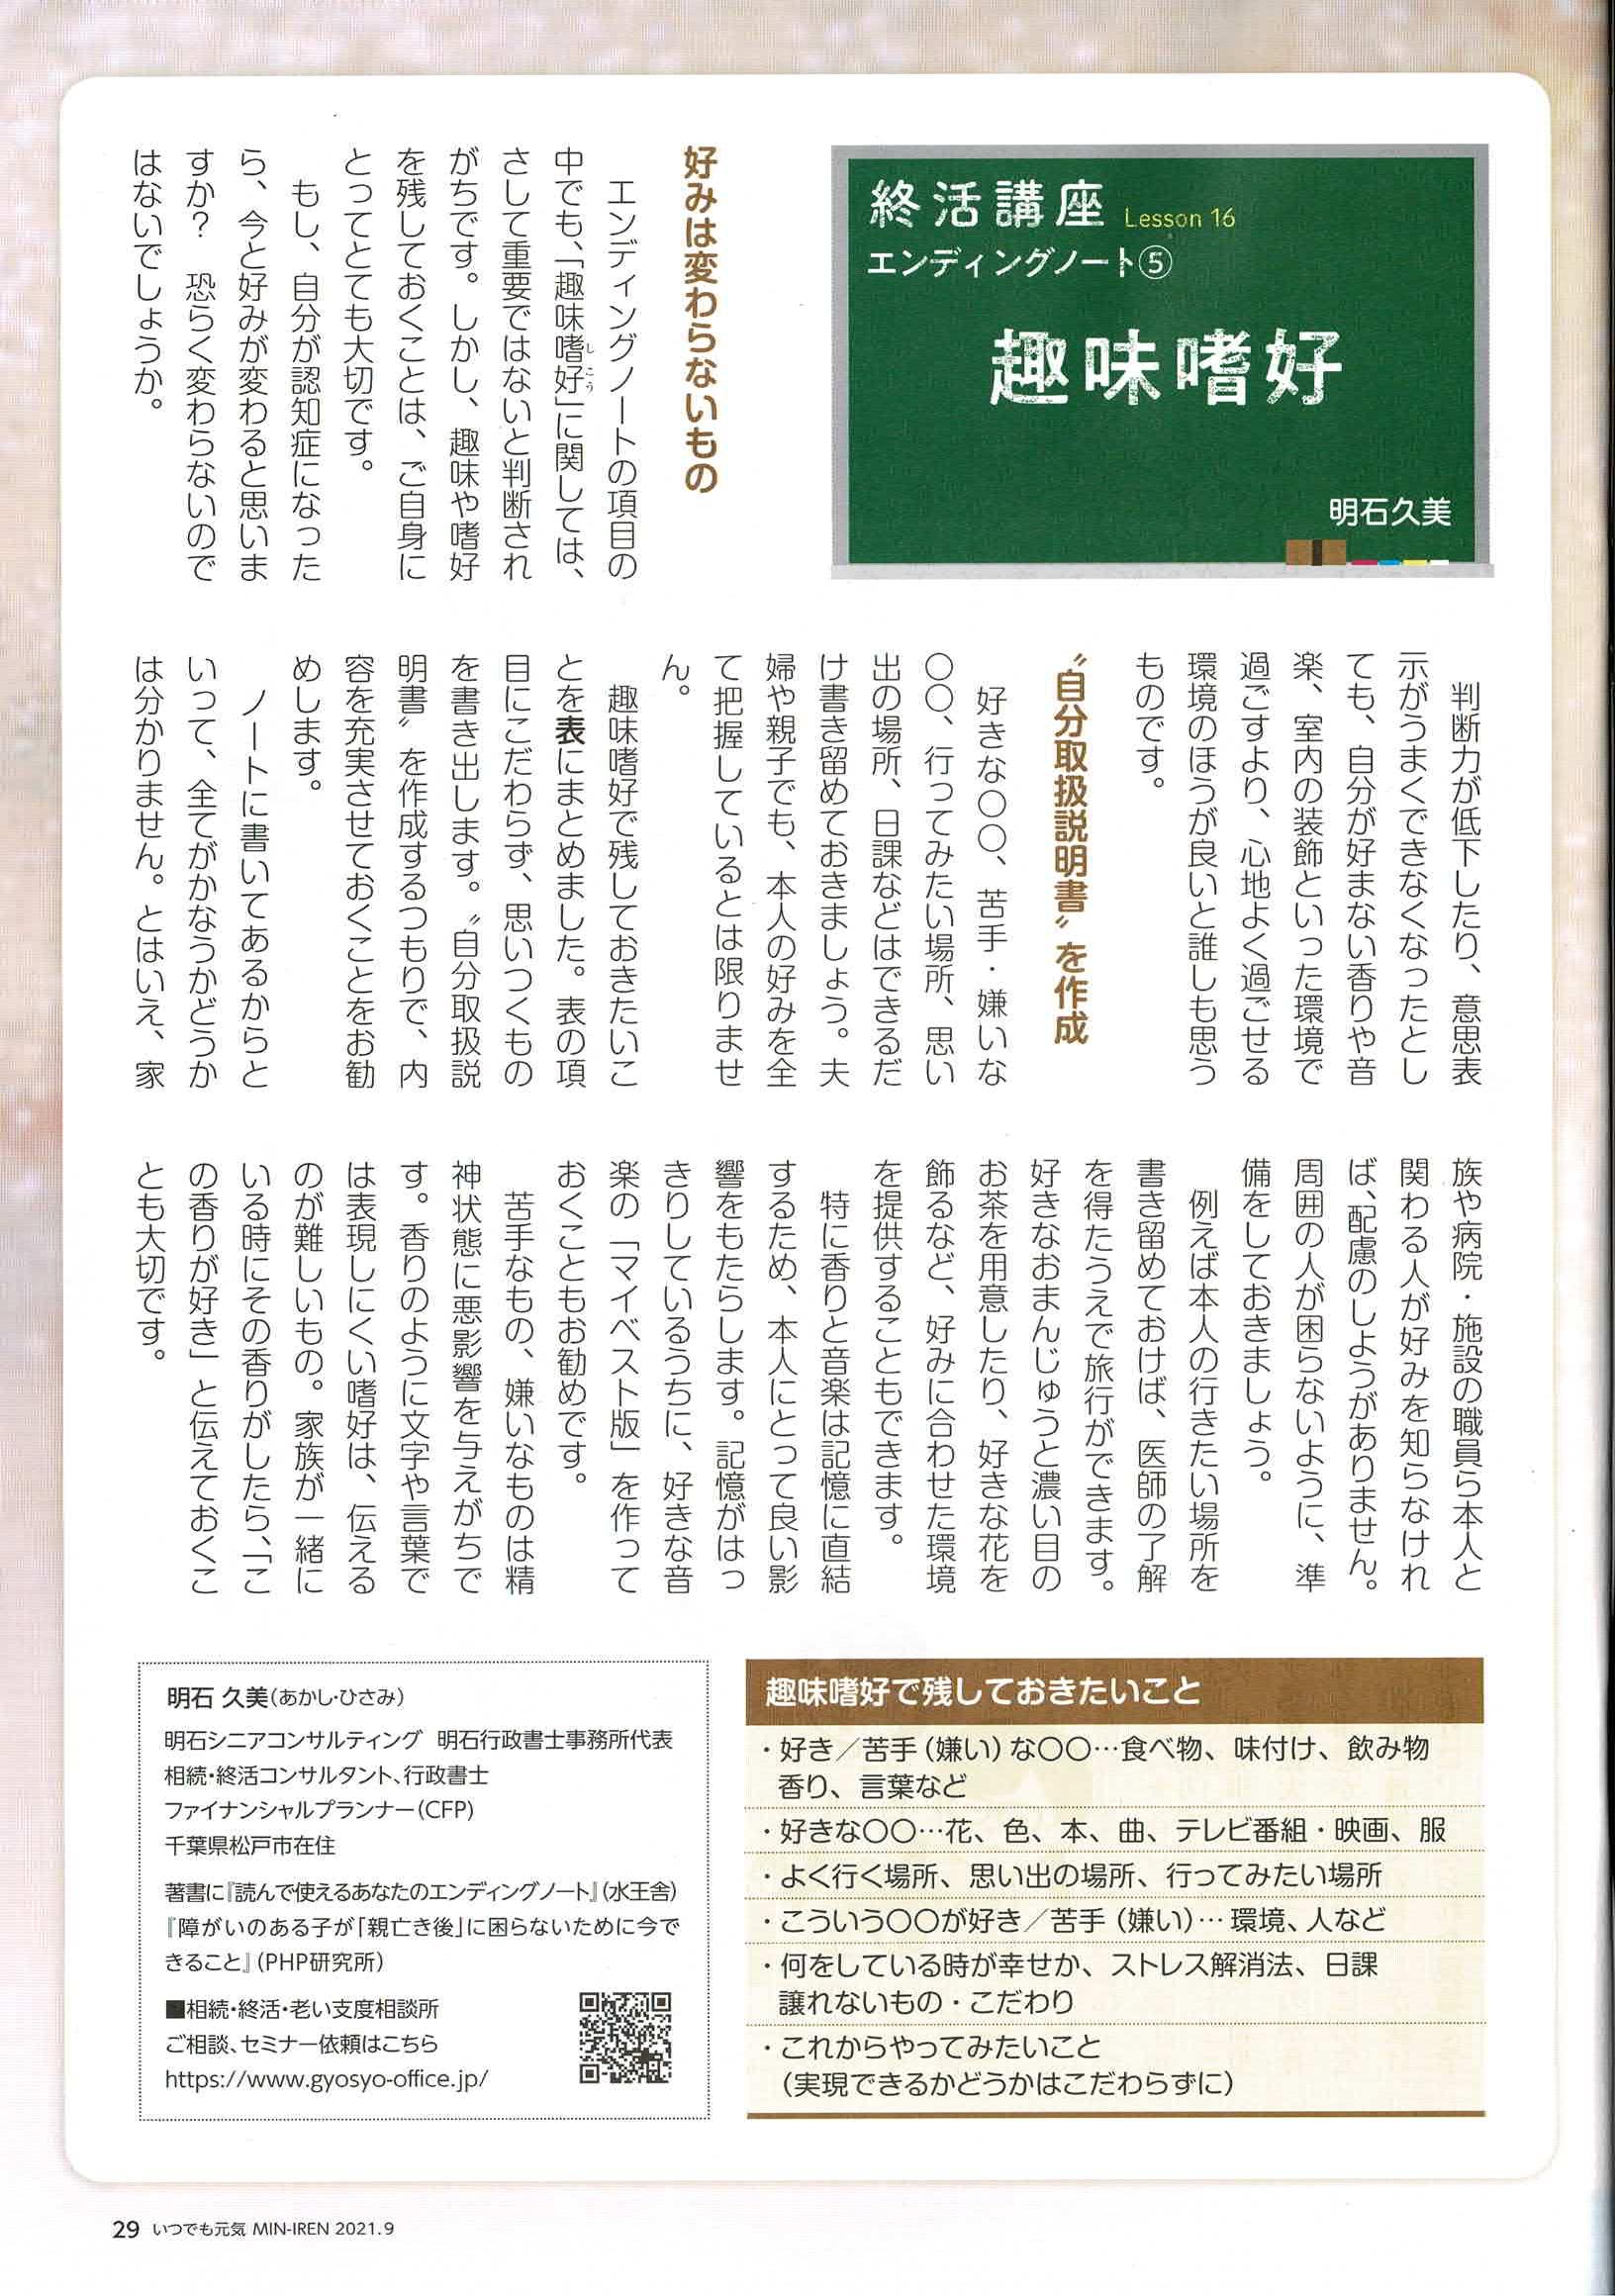 2021年9月号_16エンディングノート5趣味嗜好(いつでも元気)明石久美